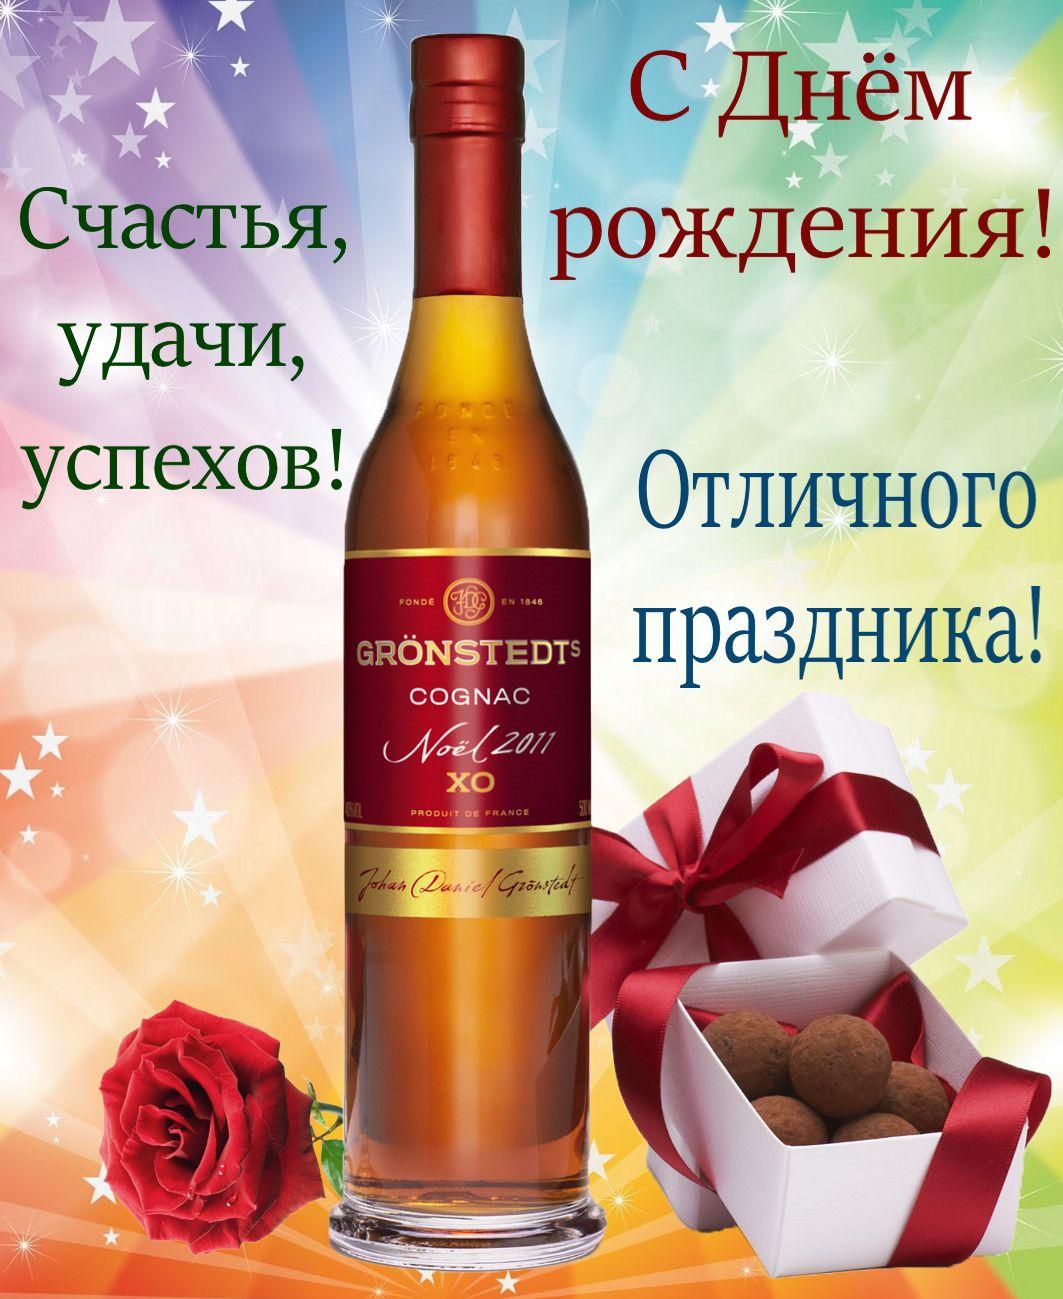 открытка - бутылка хорошего коньяка и пожелания